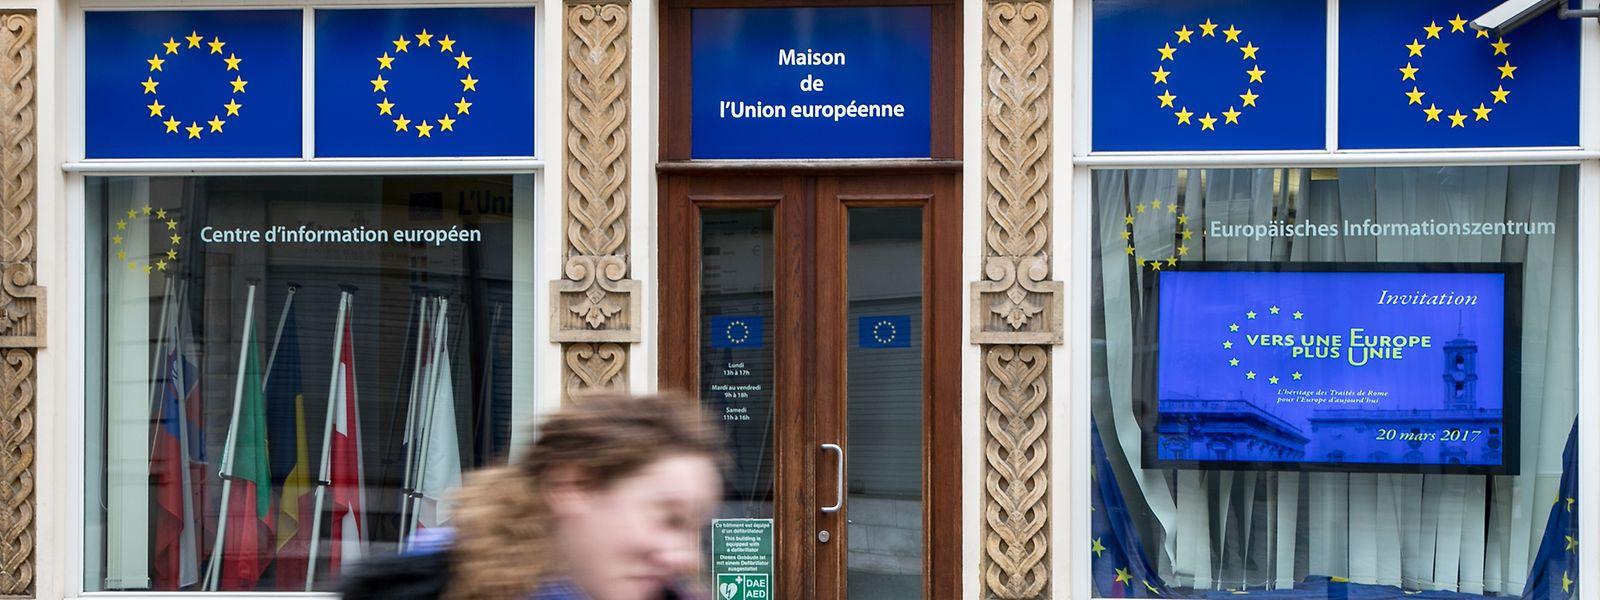 L'Eurobaromètre a été présenté à la Maison de l'Europe, rue du Marché-aux-Herbes.